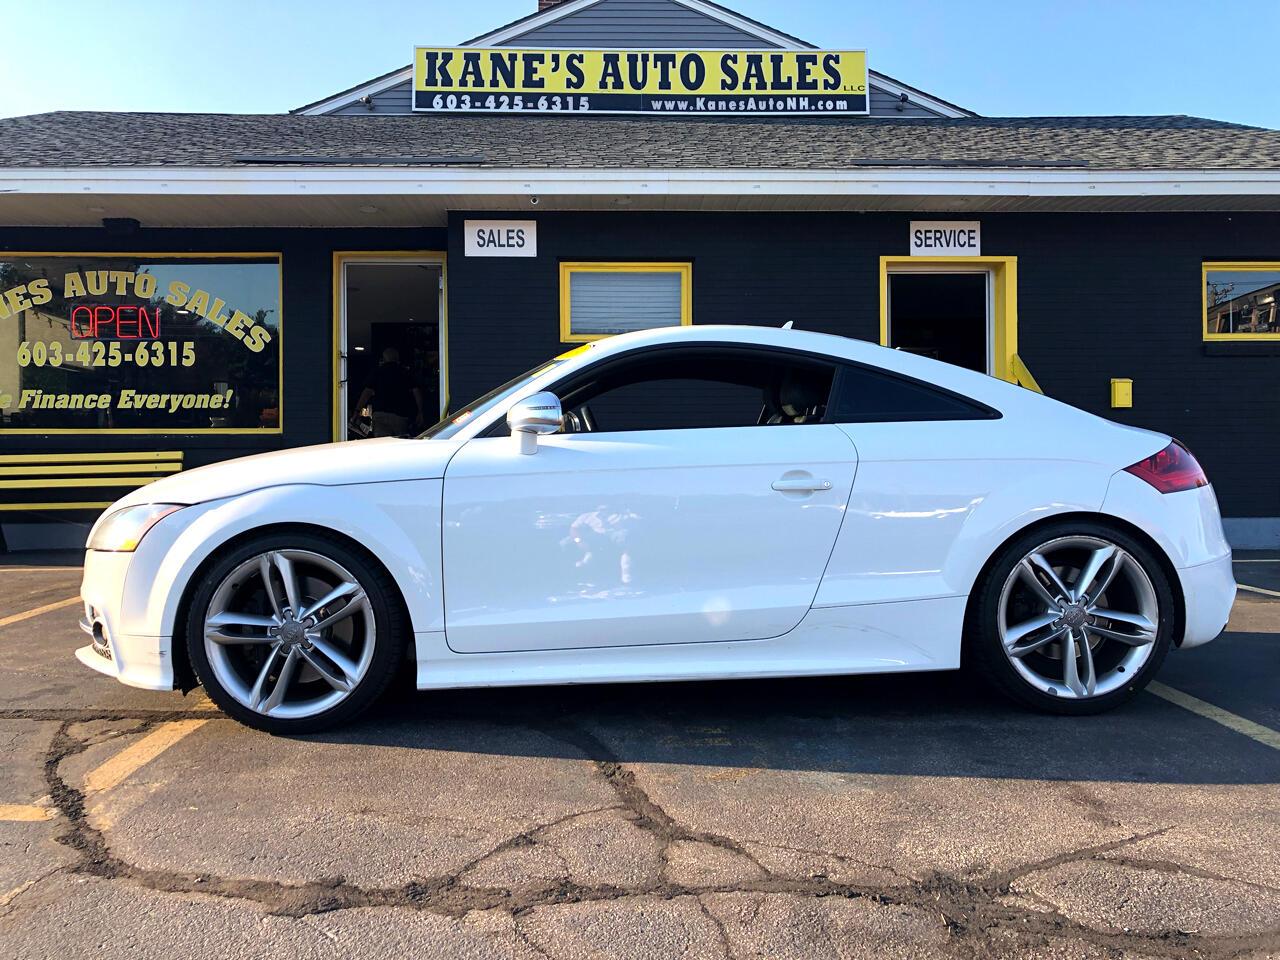 Audi TTS 2dr Cpe S tronic quattro 2.0T Premium Plus 2013